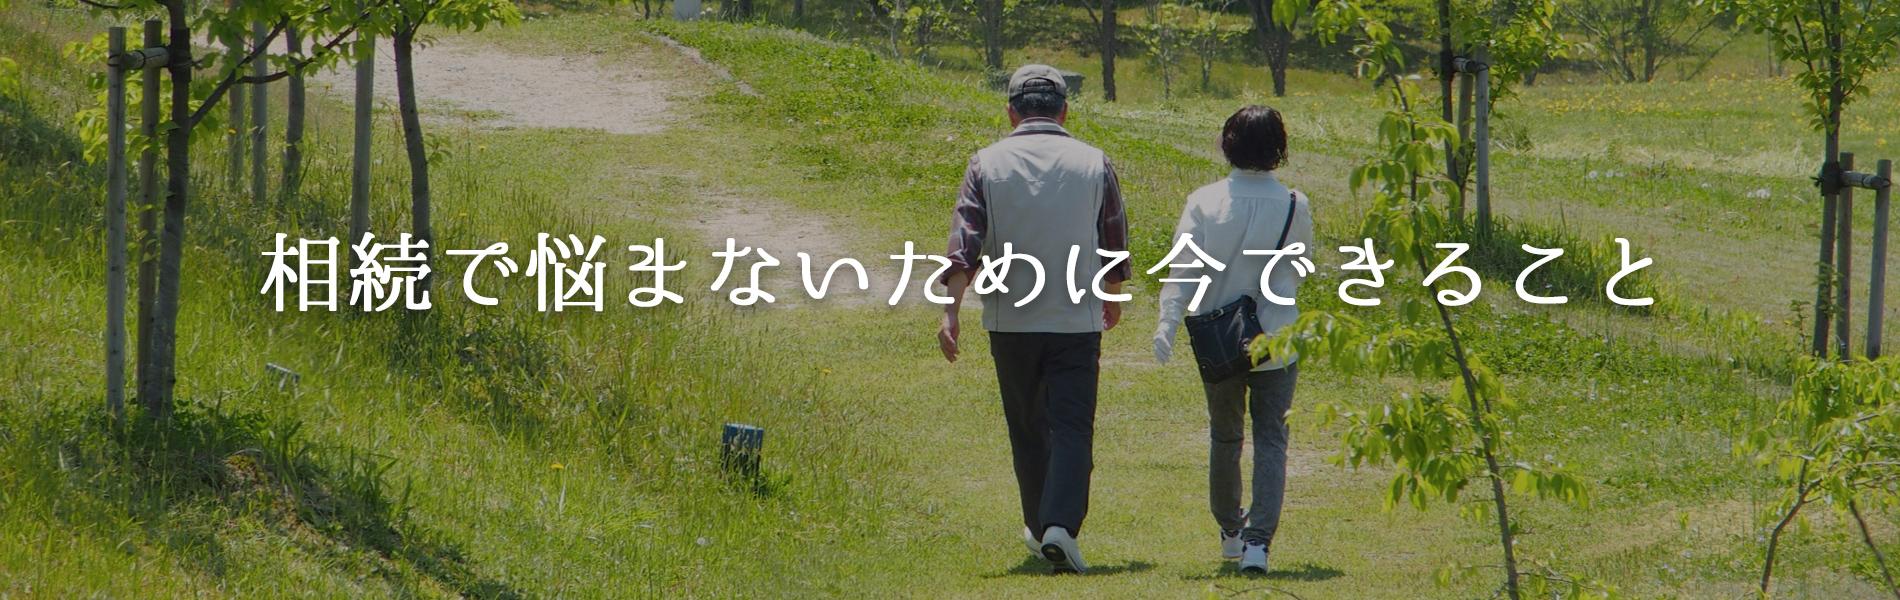 奈良・京都・大阪・兵庫で相続問題、遺産、生前対策などでお悩みの方は税理士法人SBLにお気軽にお問い合わせください